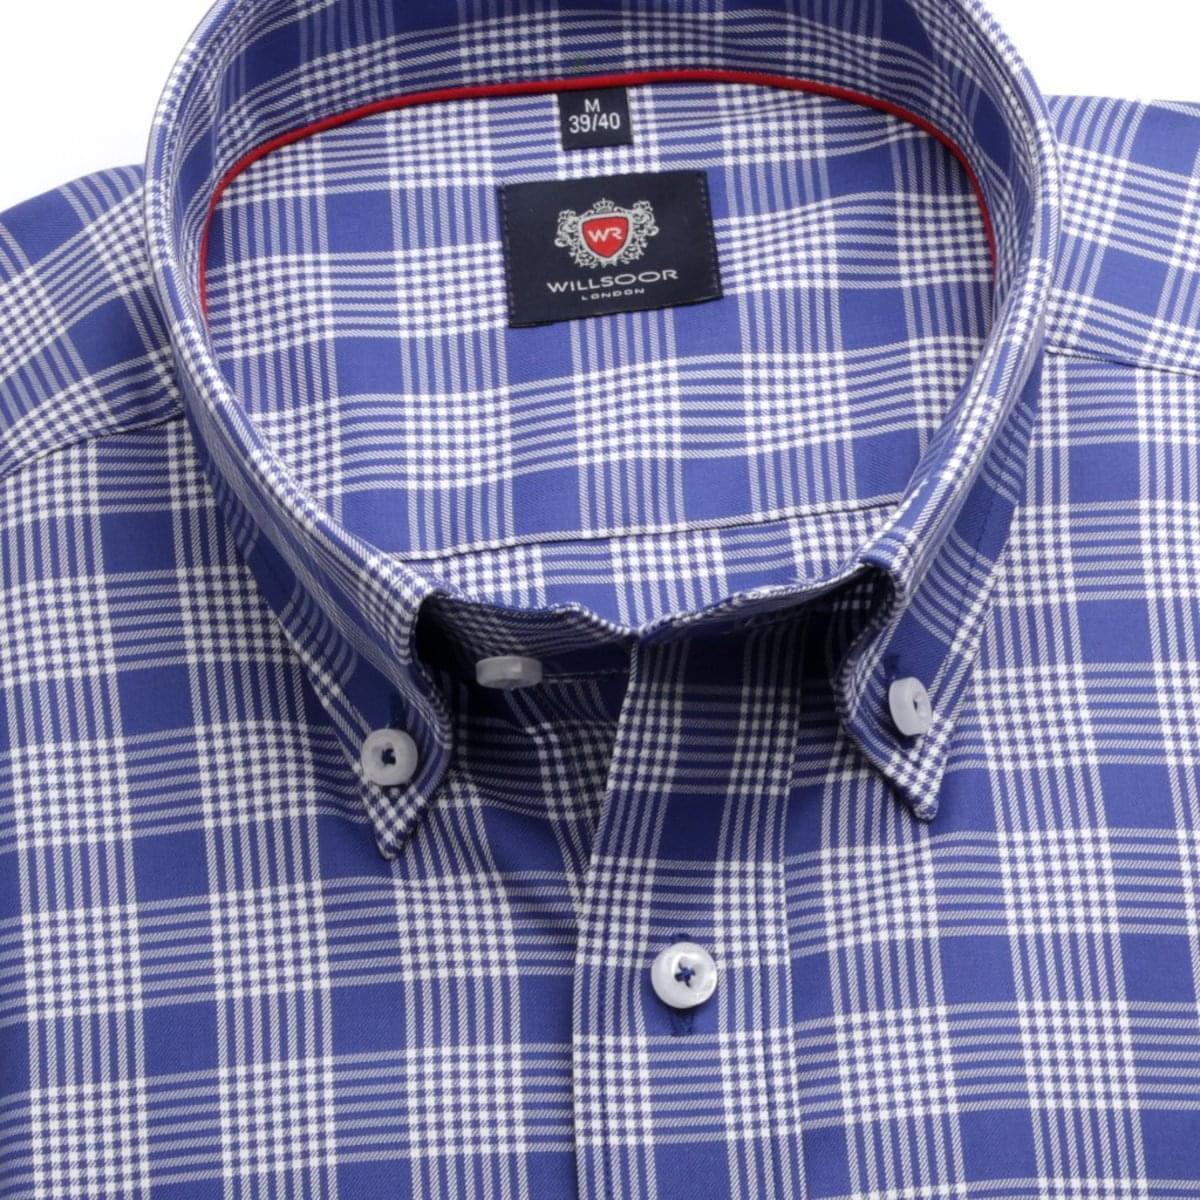 Pánská klasická košile London (výška 188-194) 6707 v modré barvě s formulí Easy Care 188-194 / XL (43/44)